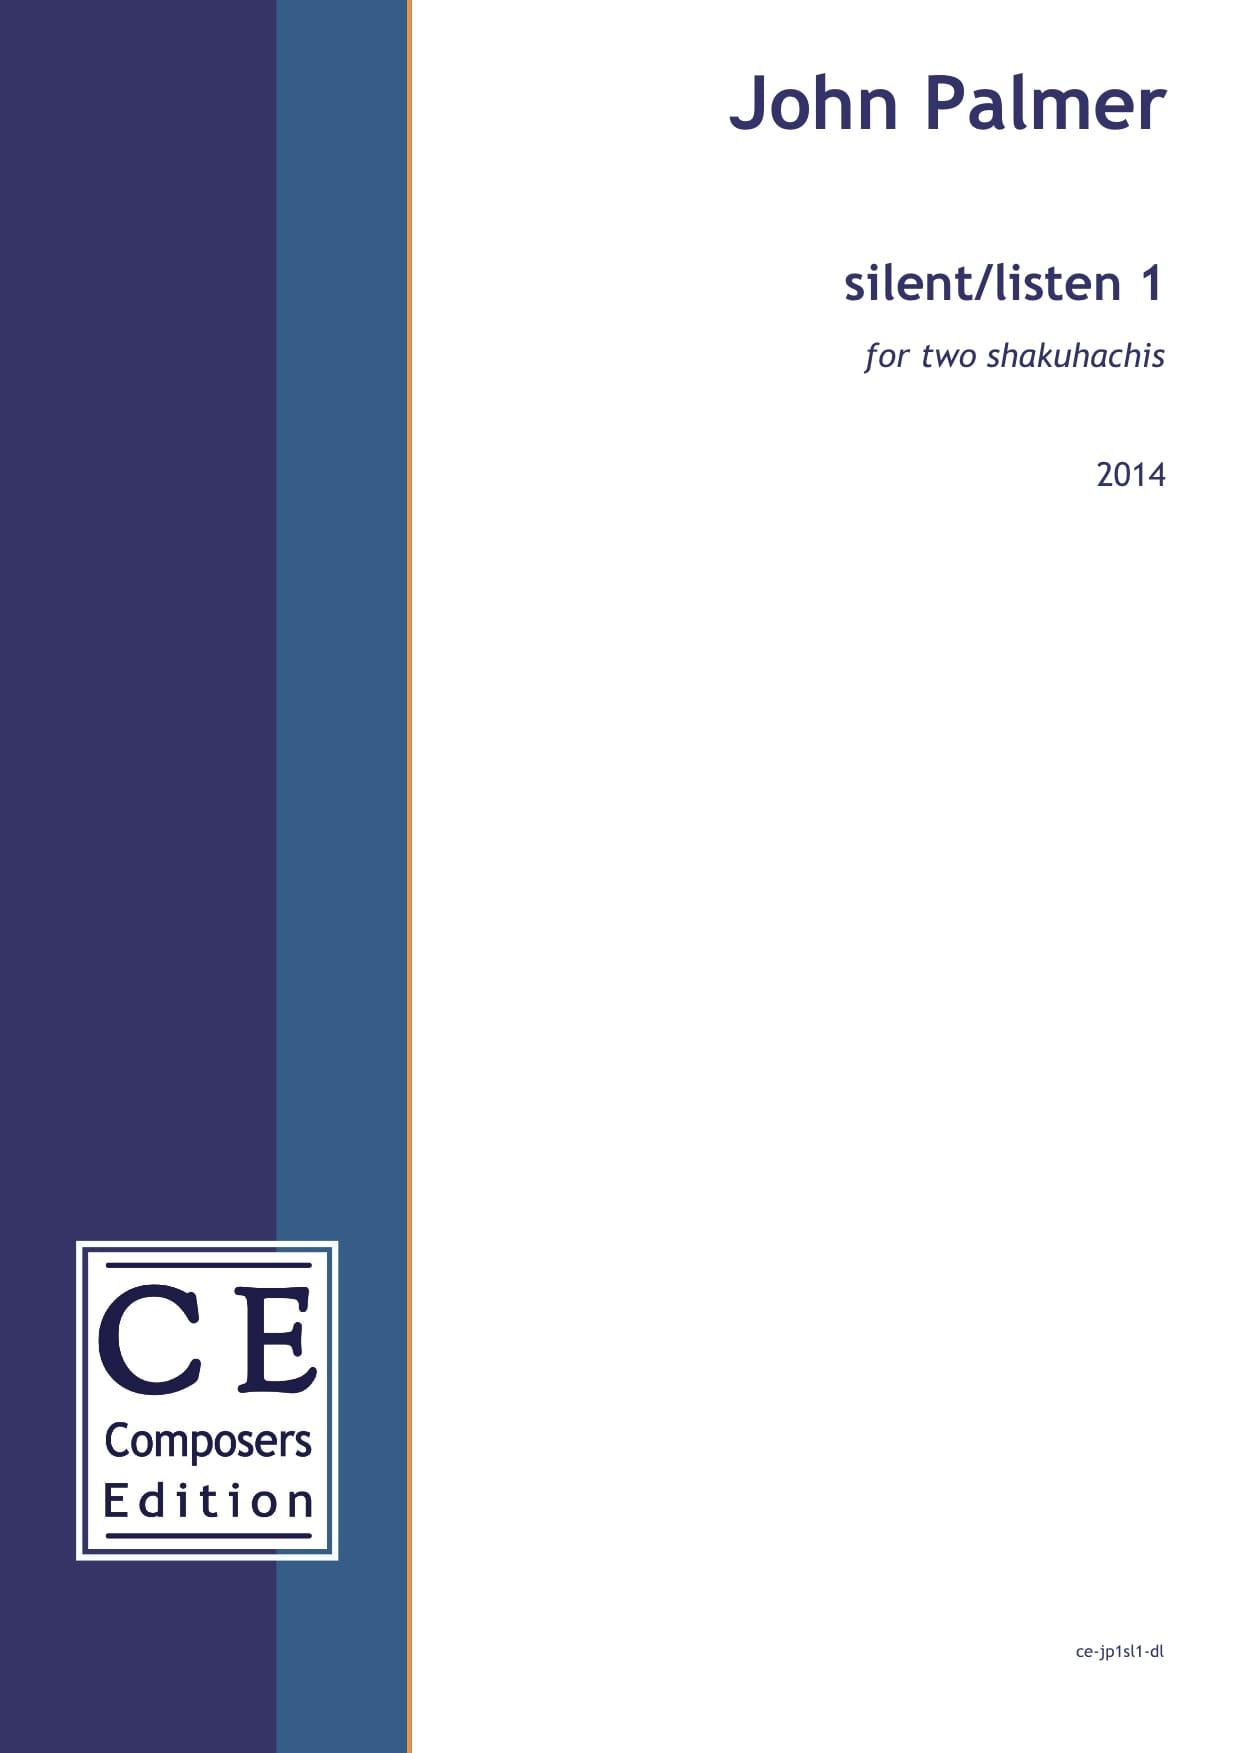 John Palmer: silent/listen 1 for two shakuhachis